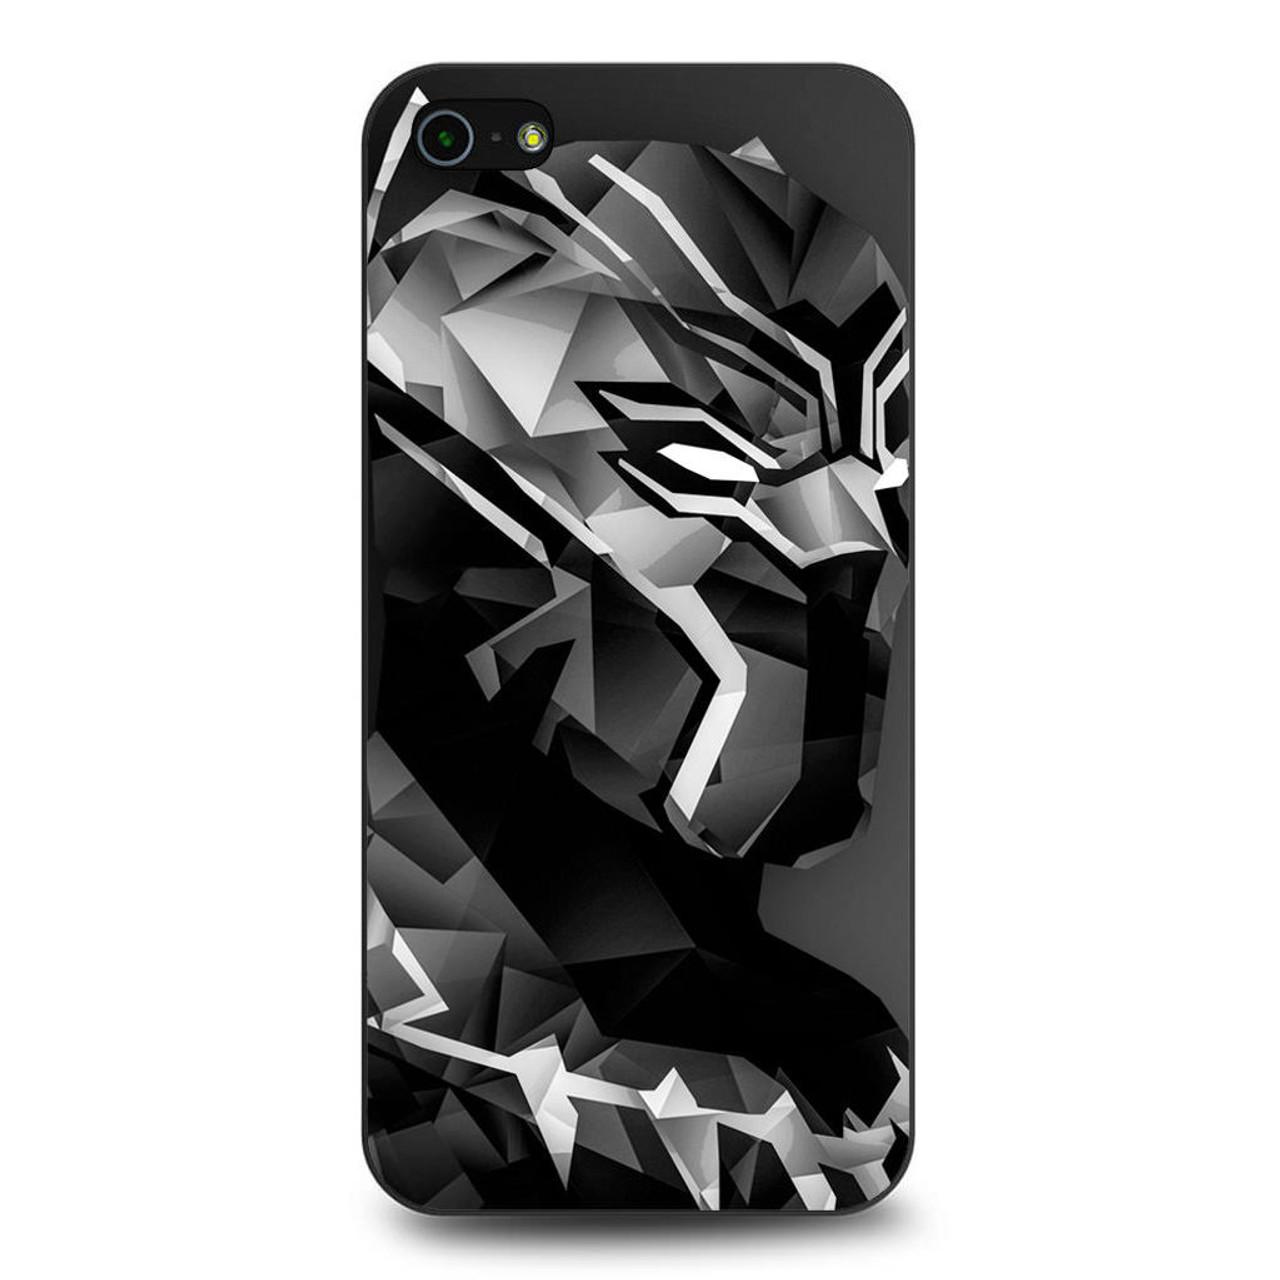 huge selection of 19af6 05ca8 Black Panther Digital Art iPhone 5/5S/SE Case